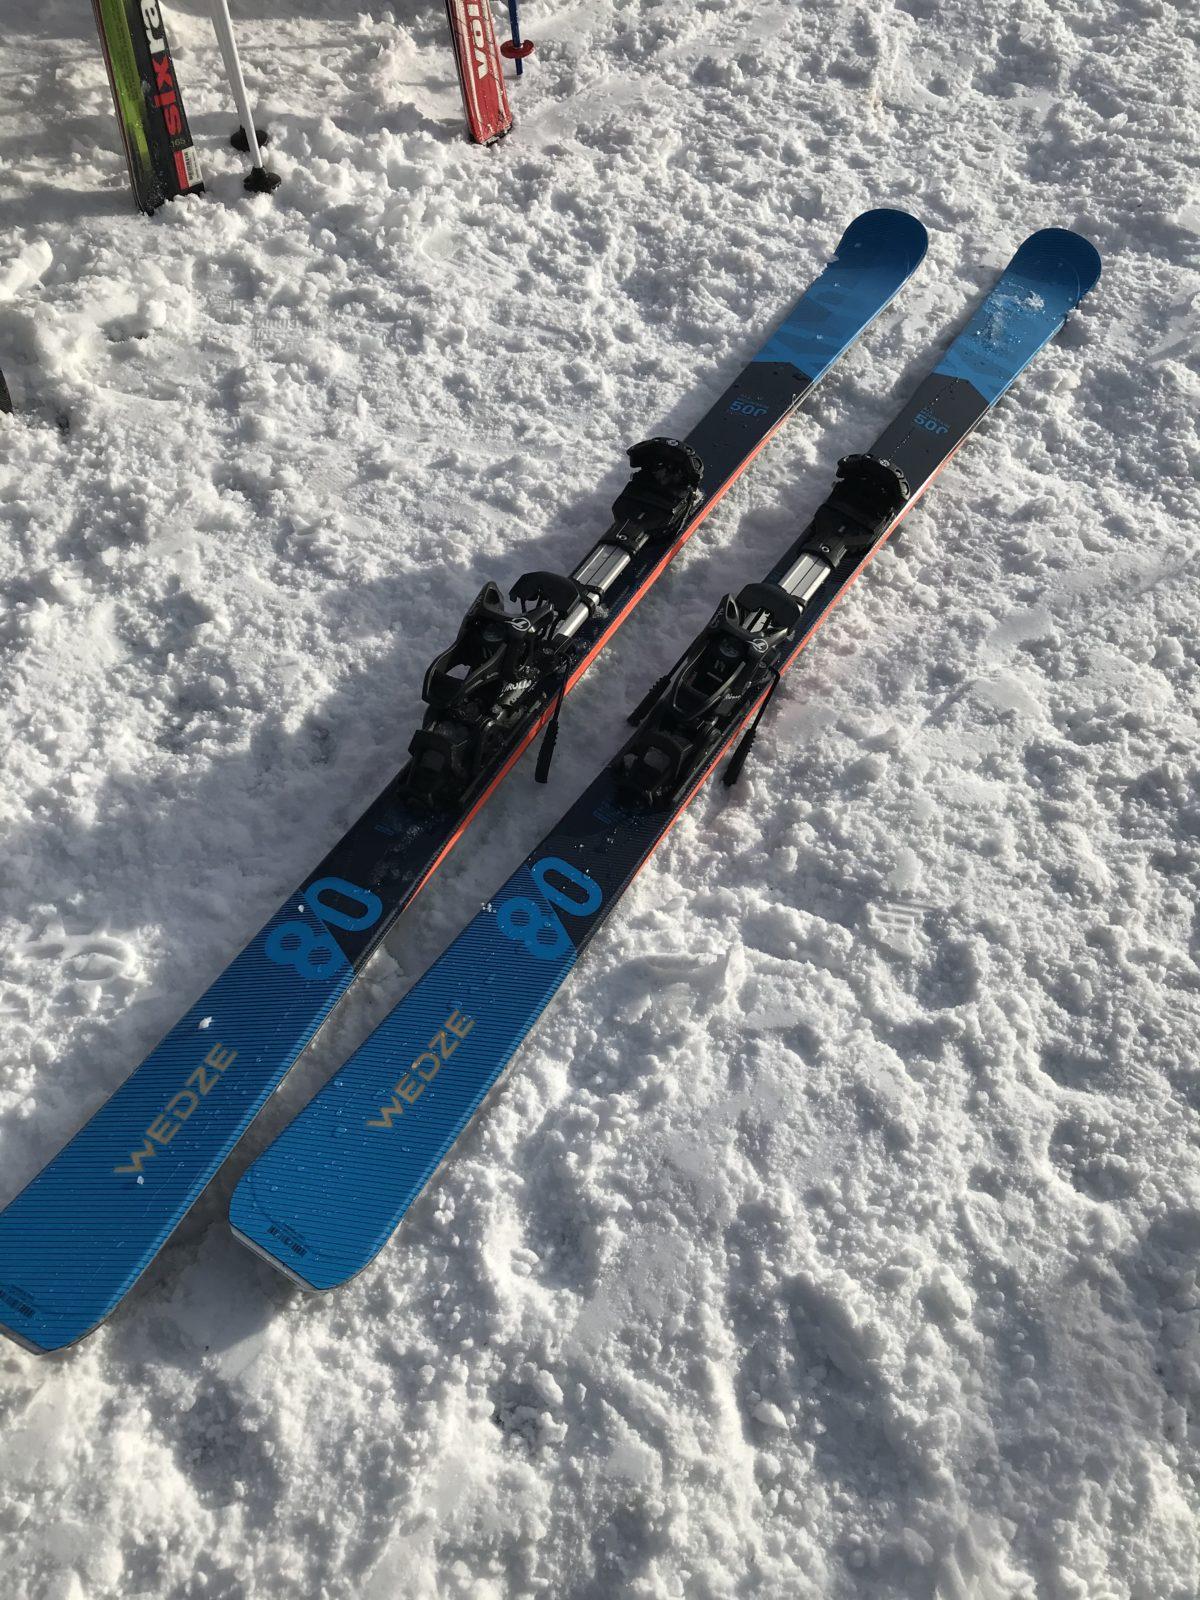 Skitourenset für Einsteiger: Wedze-SET XLD RT 500 von Decathlon für Einsteiger: Wedze-SET XLD RT 500 von Decathlon